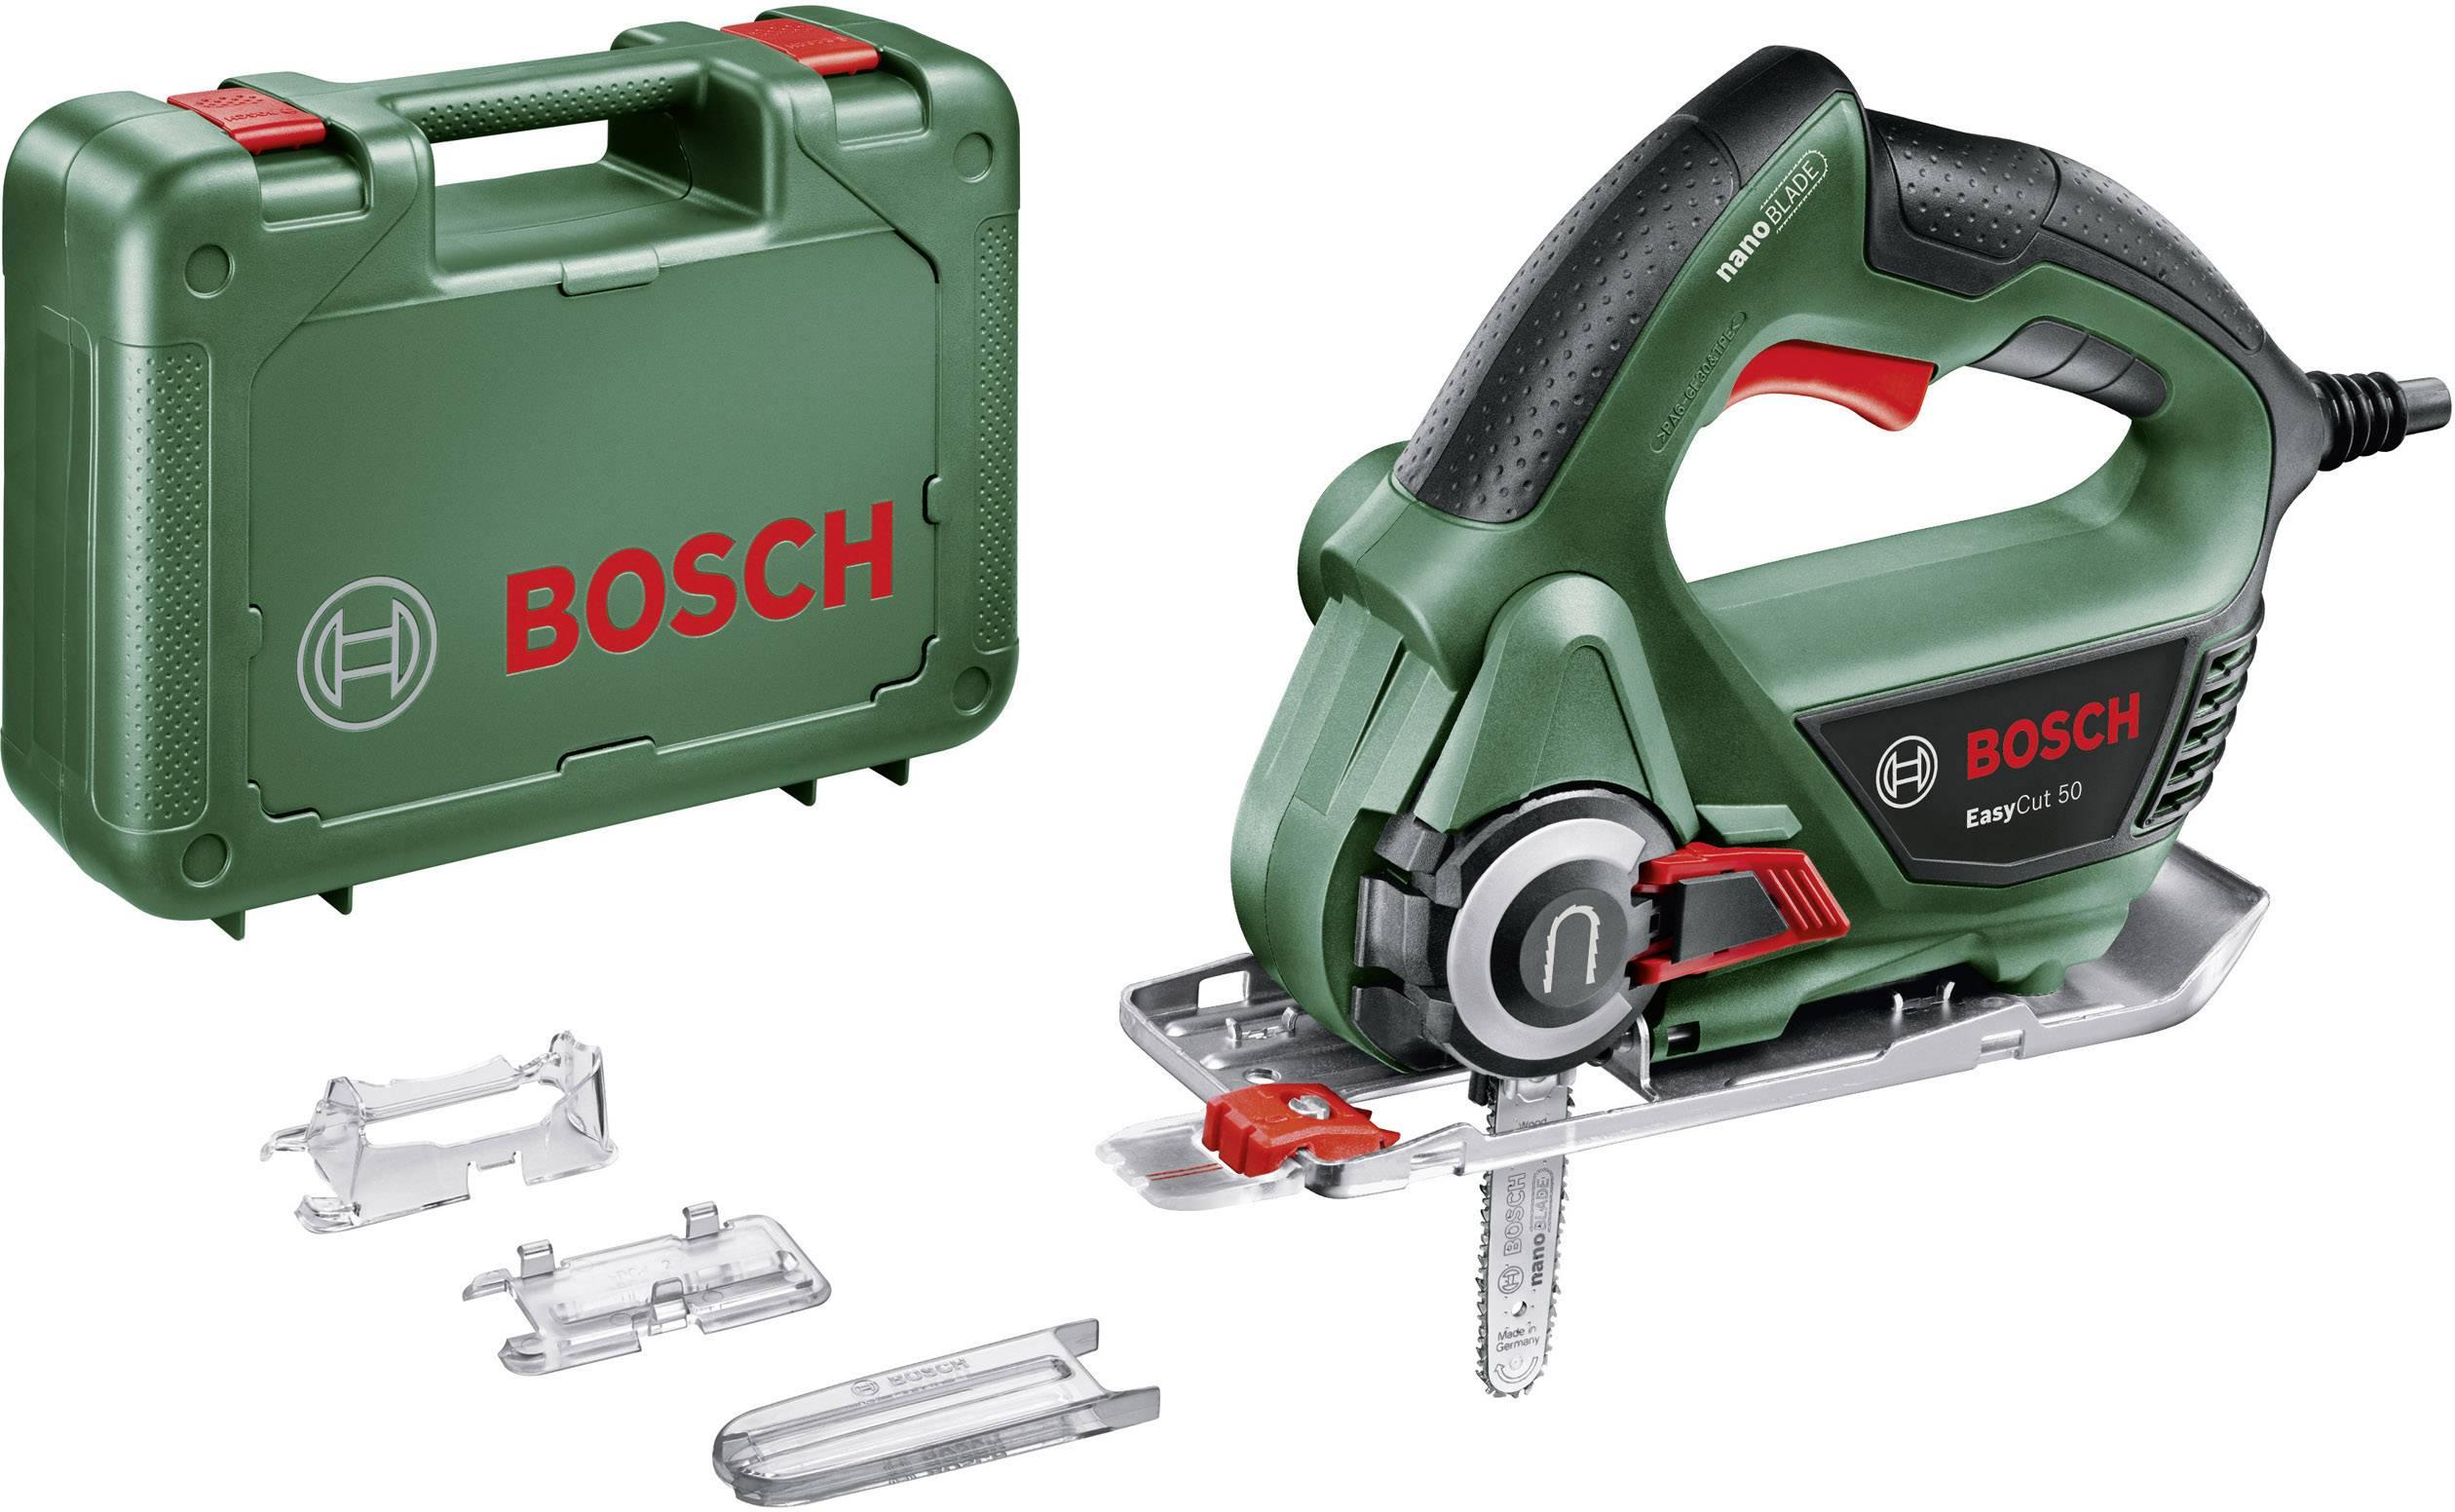 Přímočará pila Bosch Home and Garden EasyCut 50 06033C8000